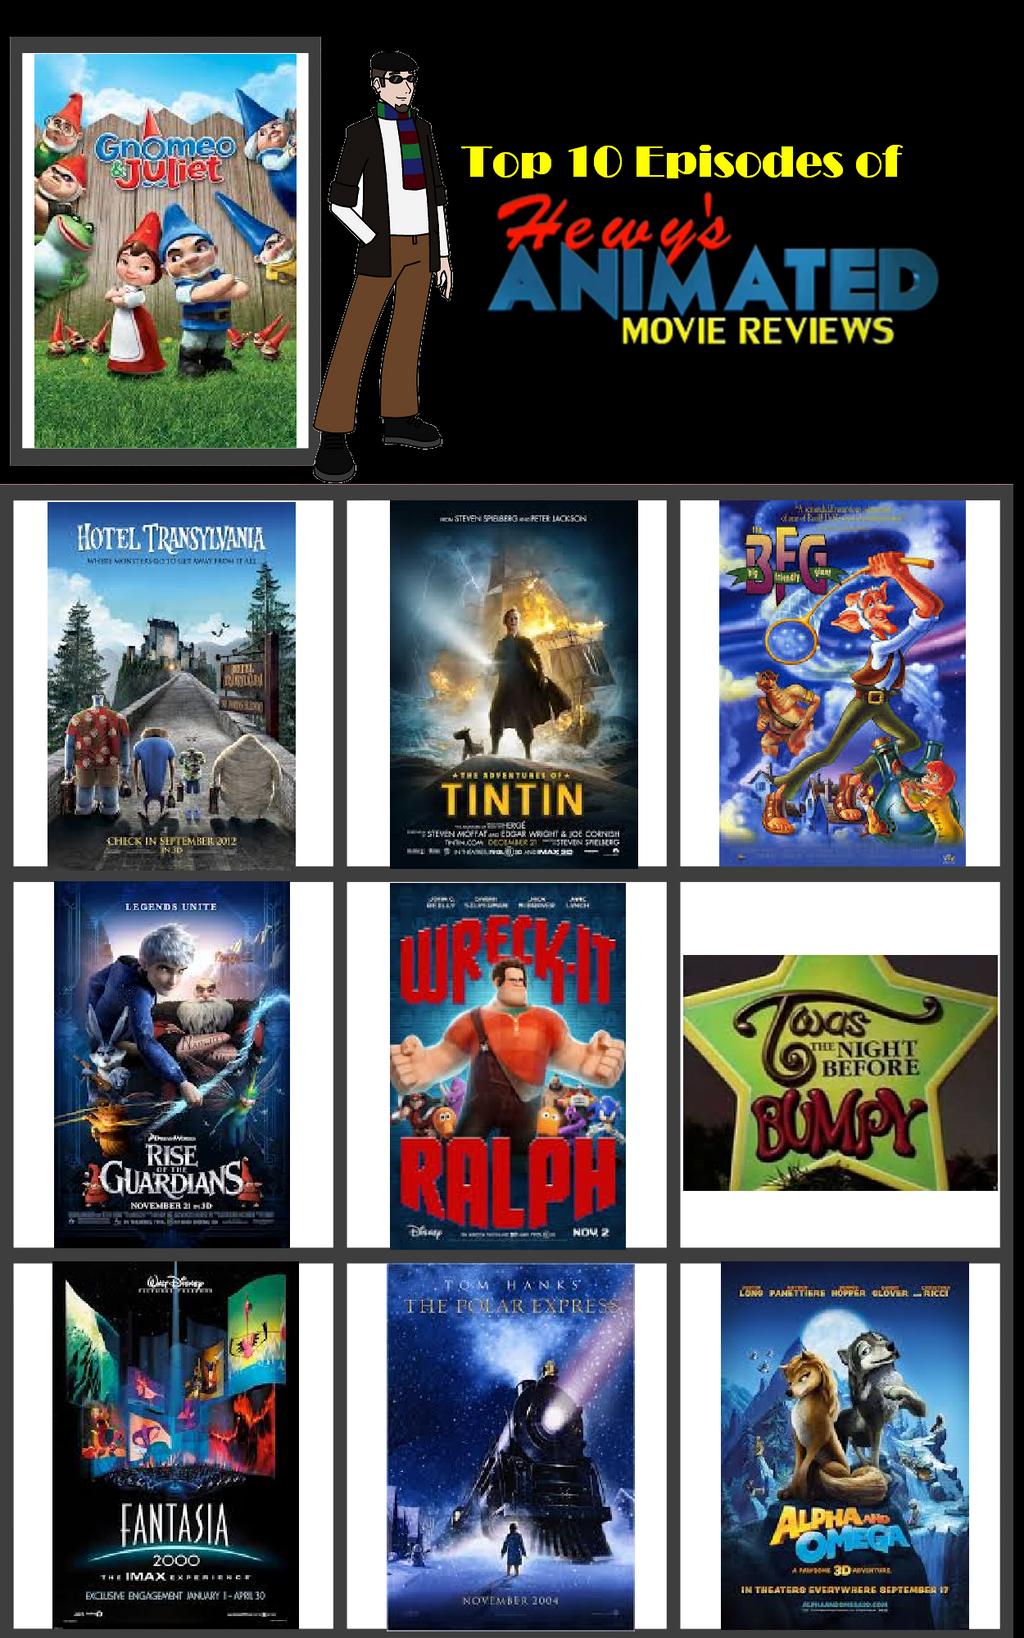 Top movie reviews